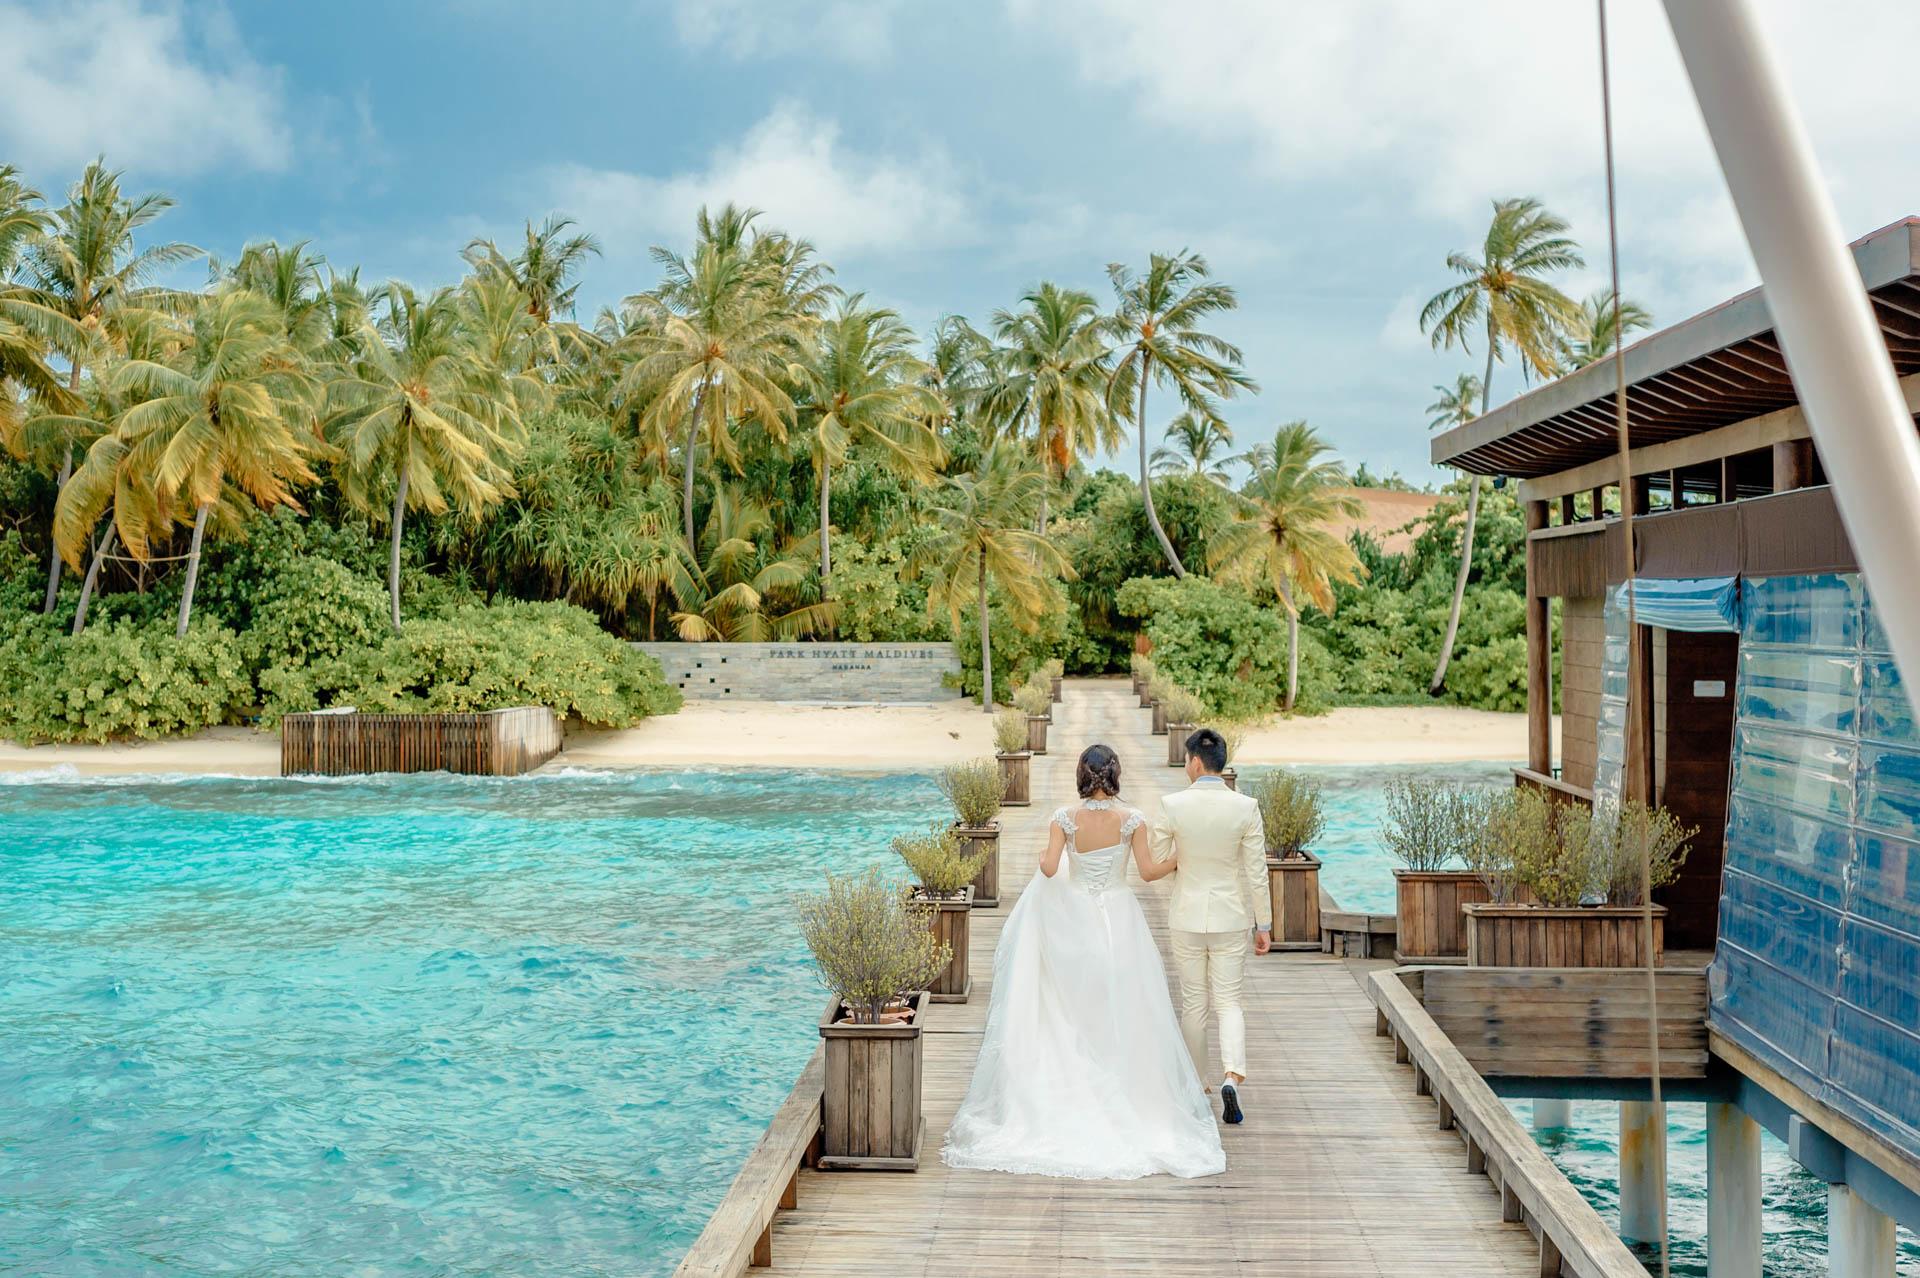 Guanyao Chen Pre Wedding 21